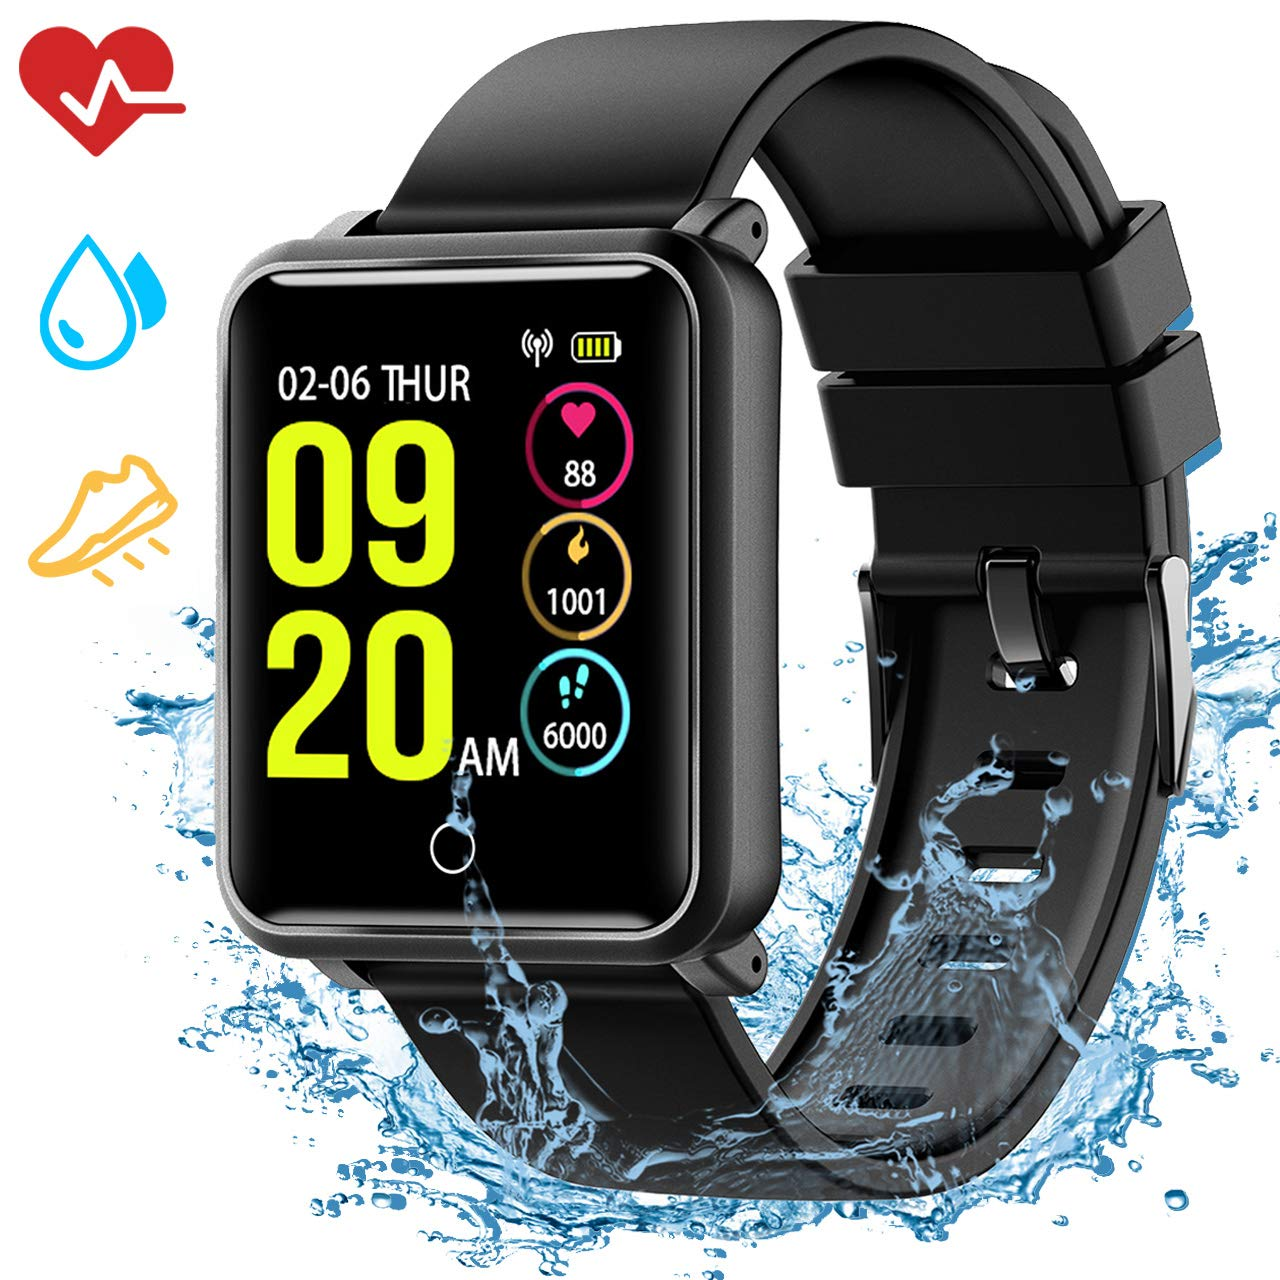 Smartwatch IP68, Reloj Inteligente Hombre con 8 Modos Deporte, Reloj Deportivo, Monitor de sueño, Pulsómetro, Podómetro, Caloría, Notificación Llamada ...